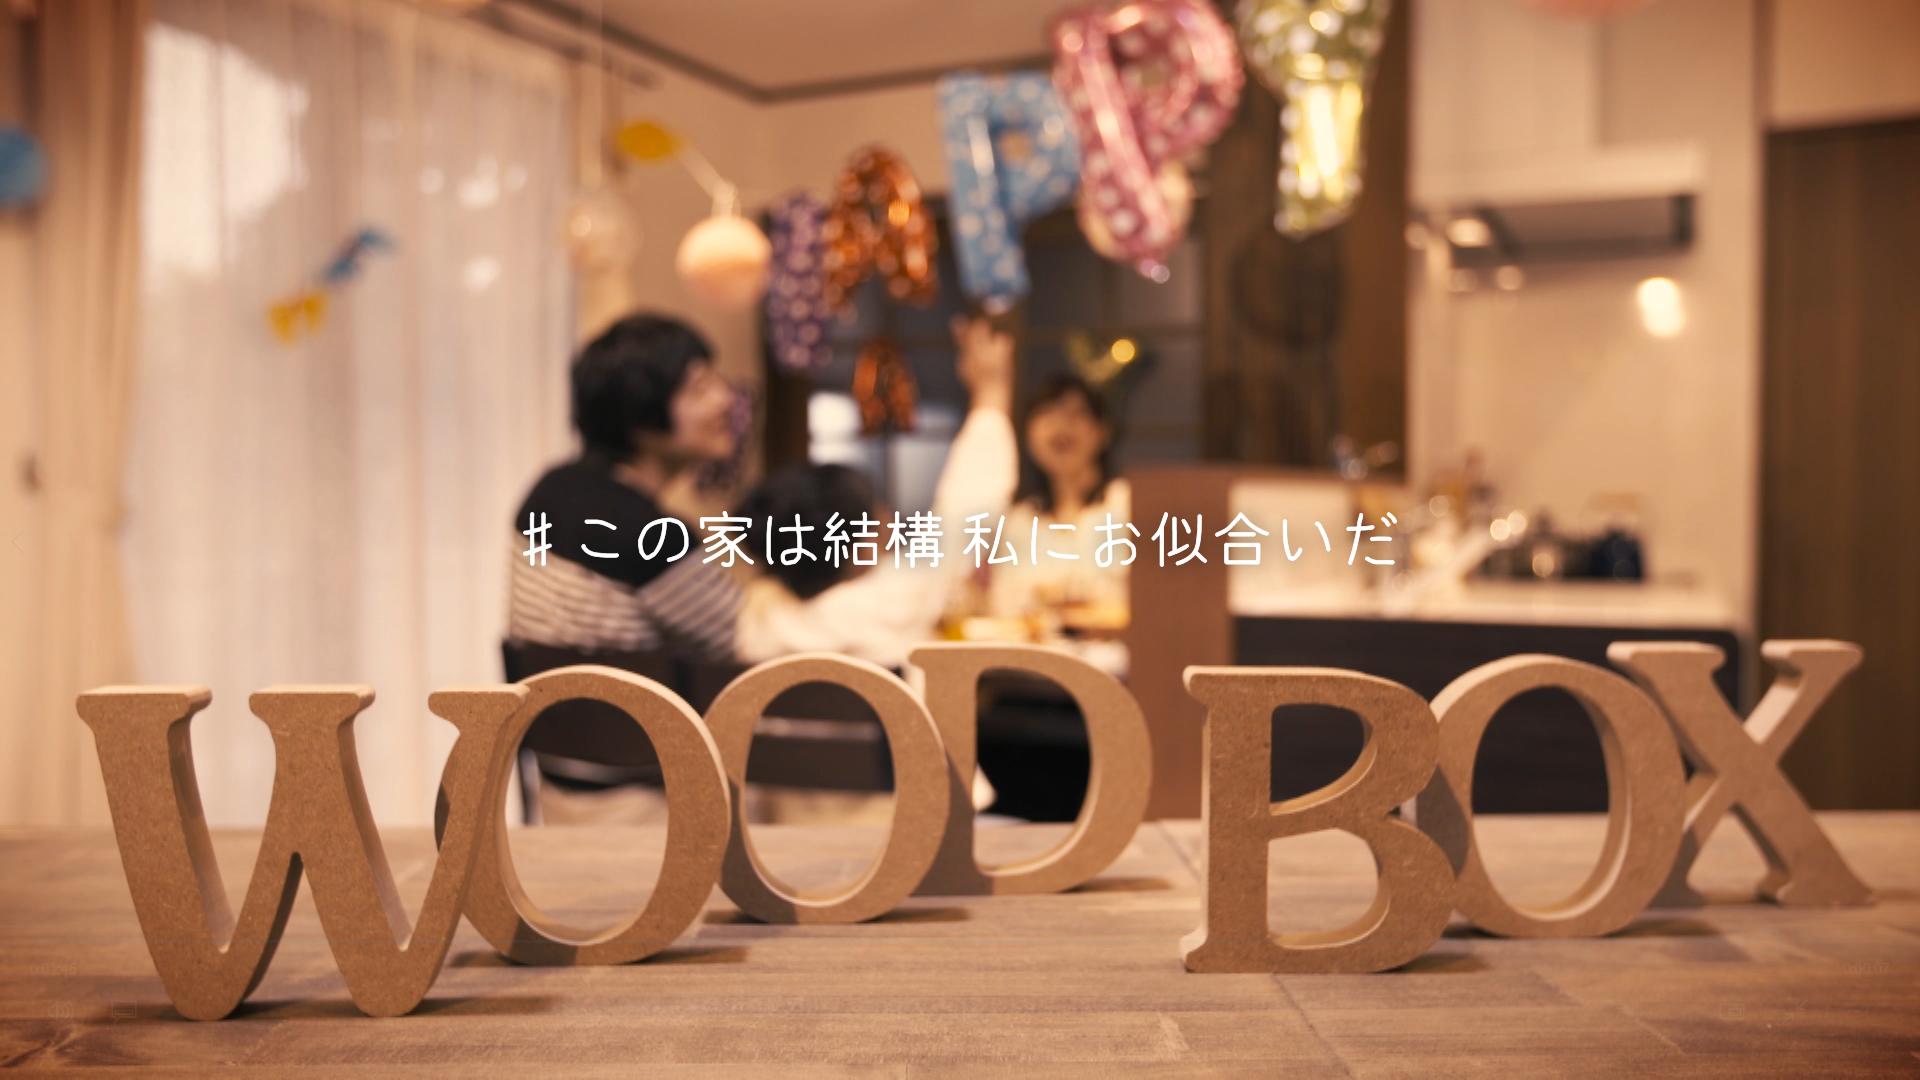 2018年12月6日 福岡会場 新規募集セミナー【現場付き】